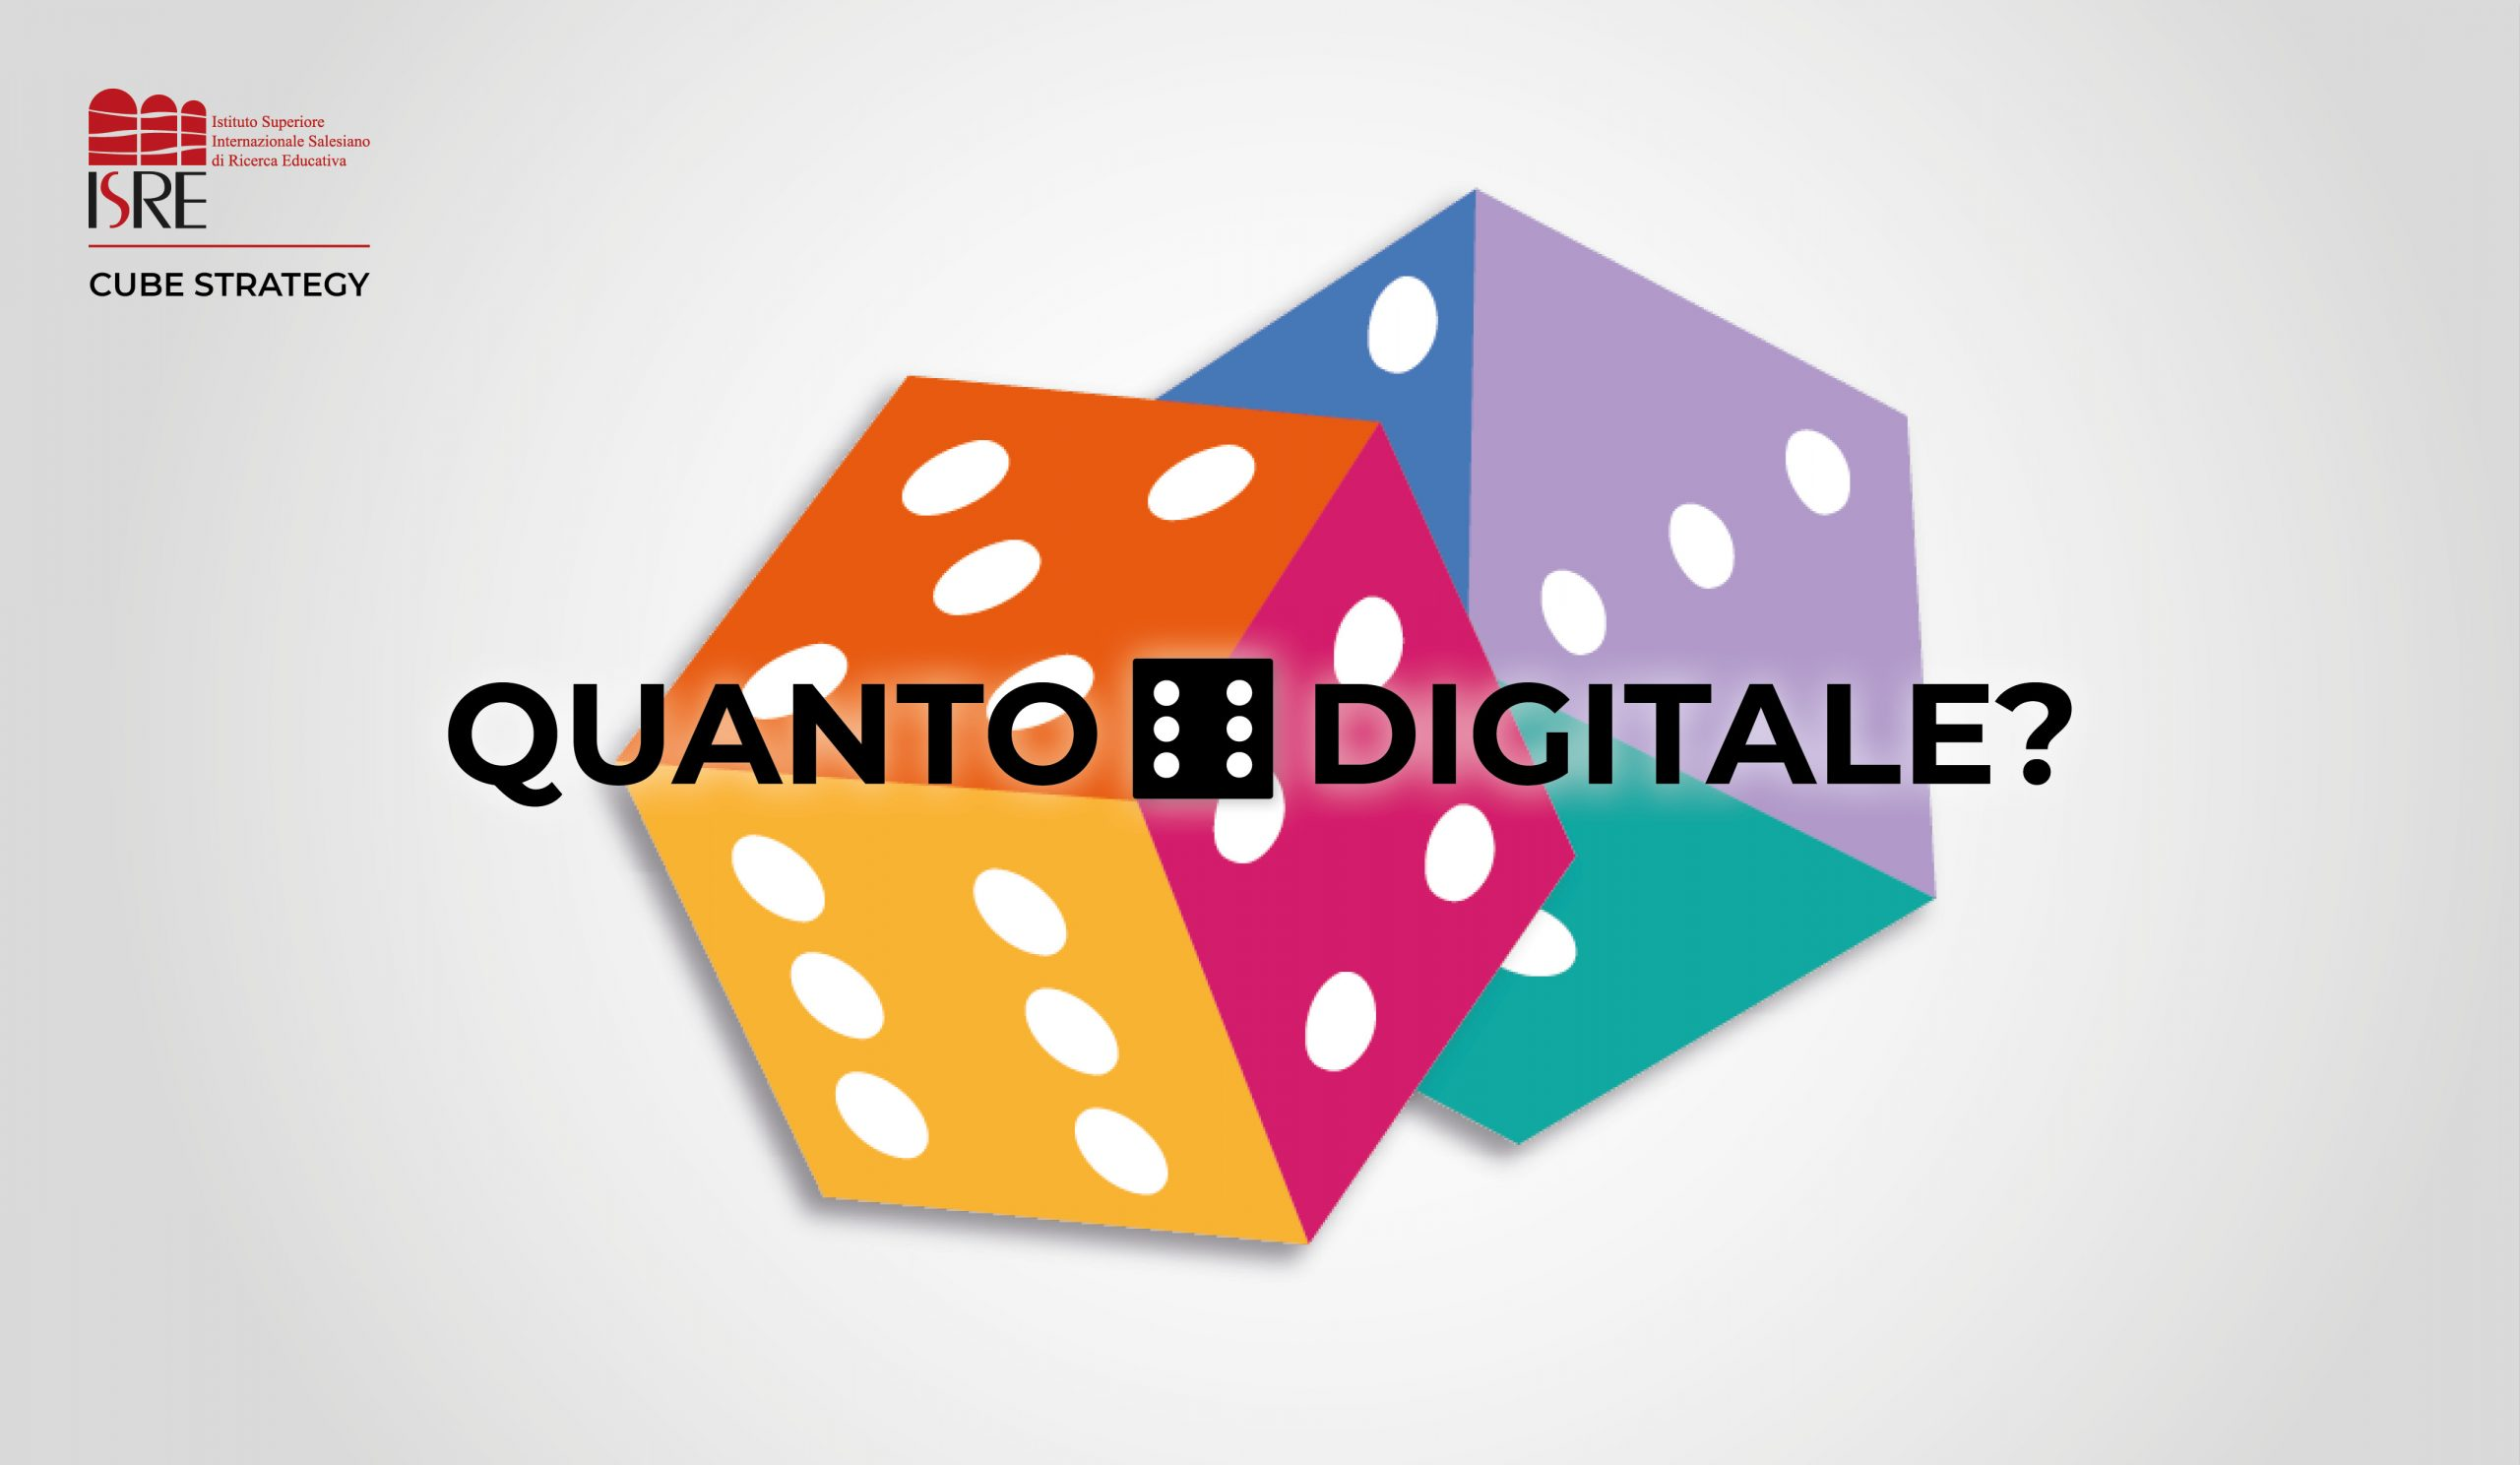 Quanto 6 digitale